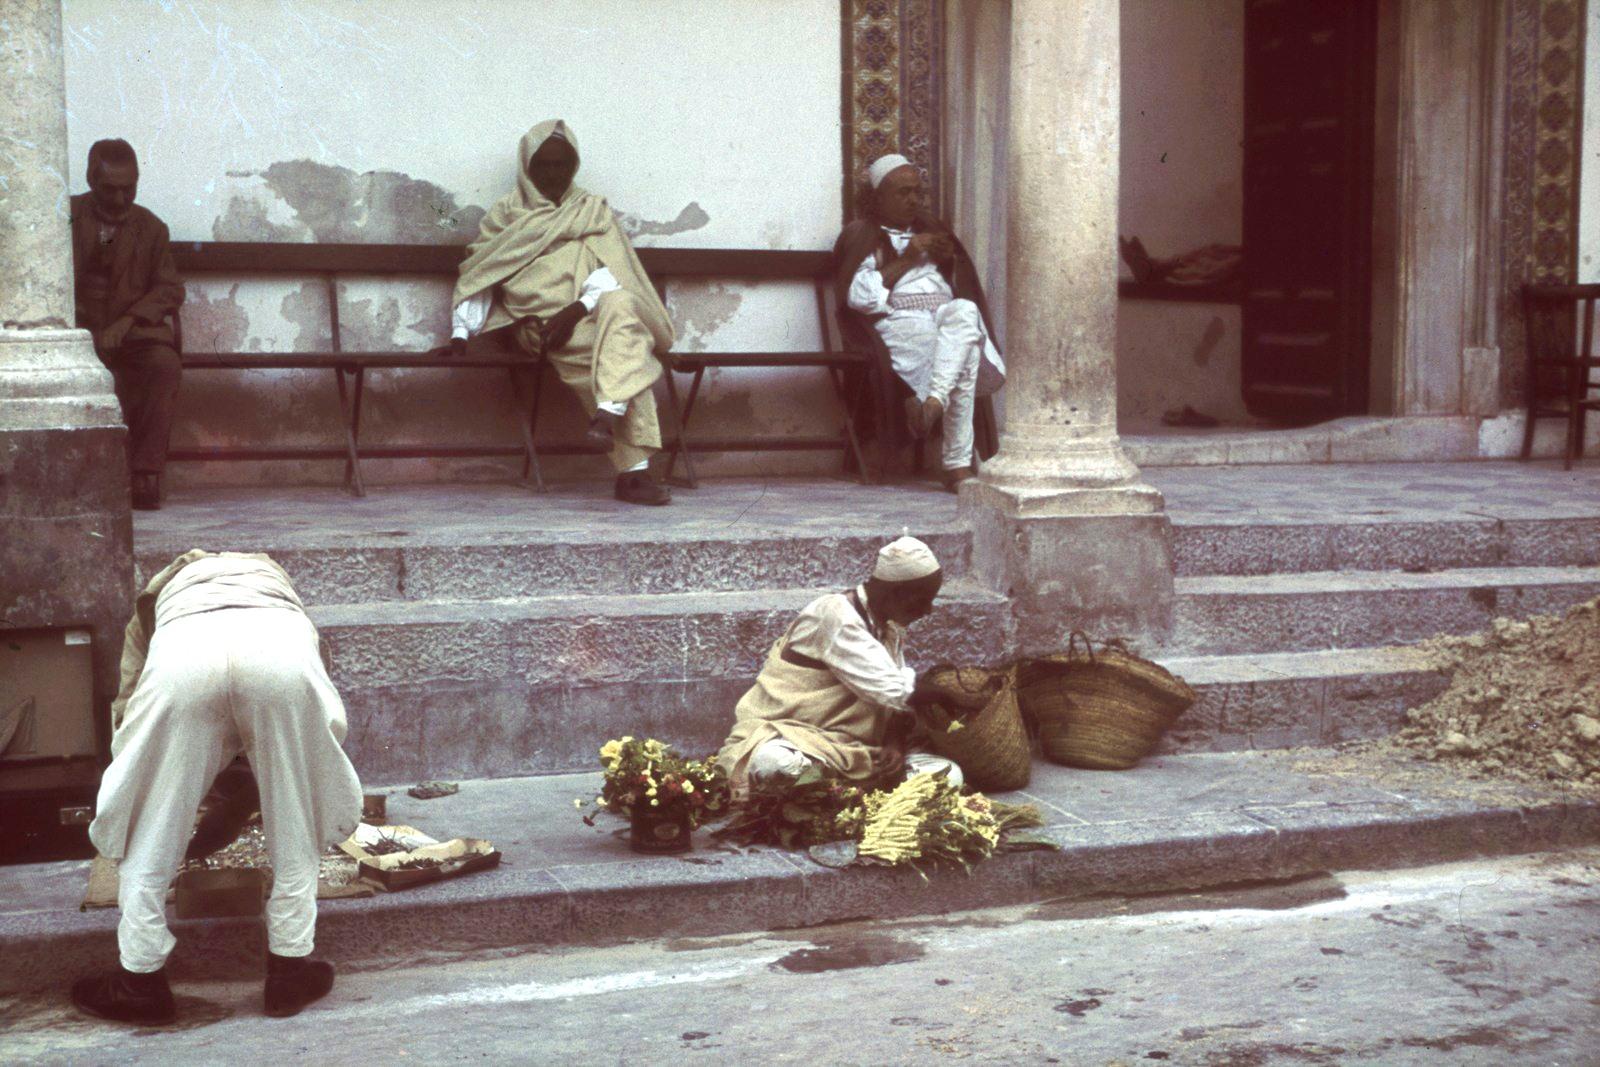 Триполи. Уличные торговцы перед мечетью Ахмеда Паши